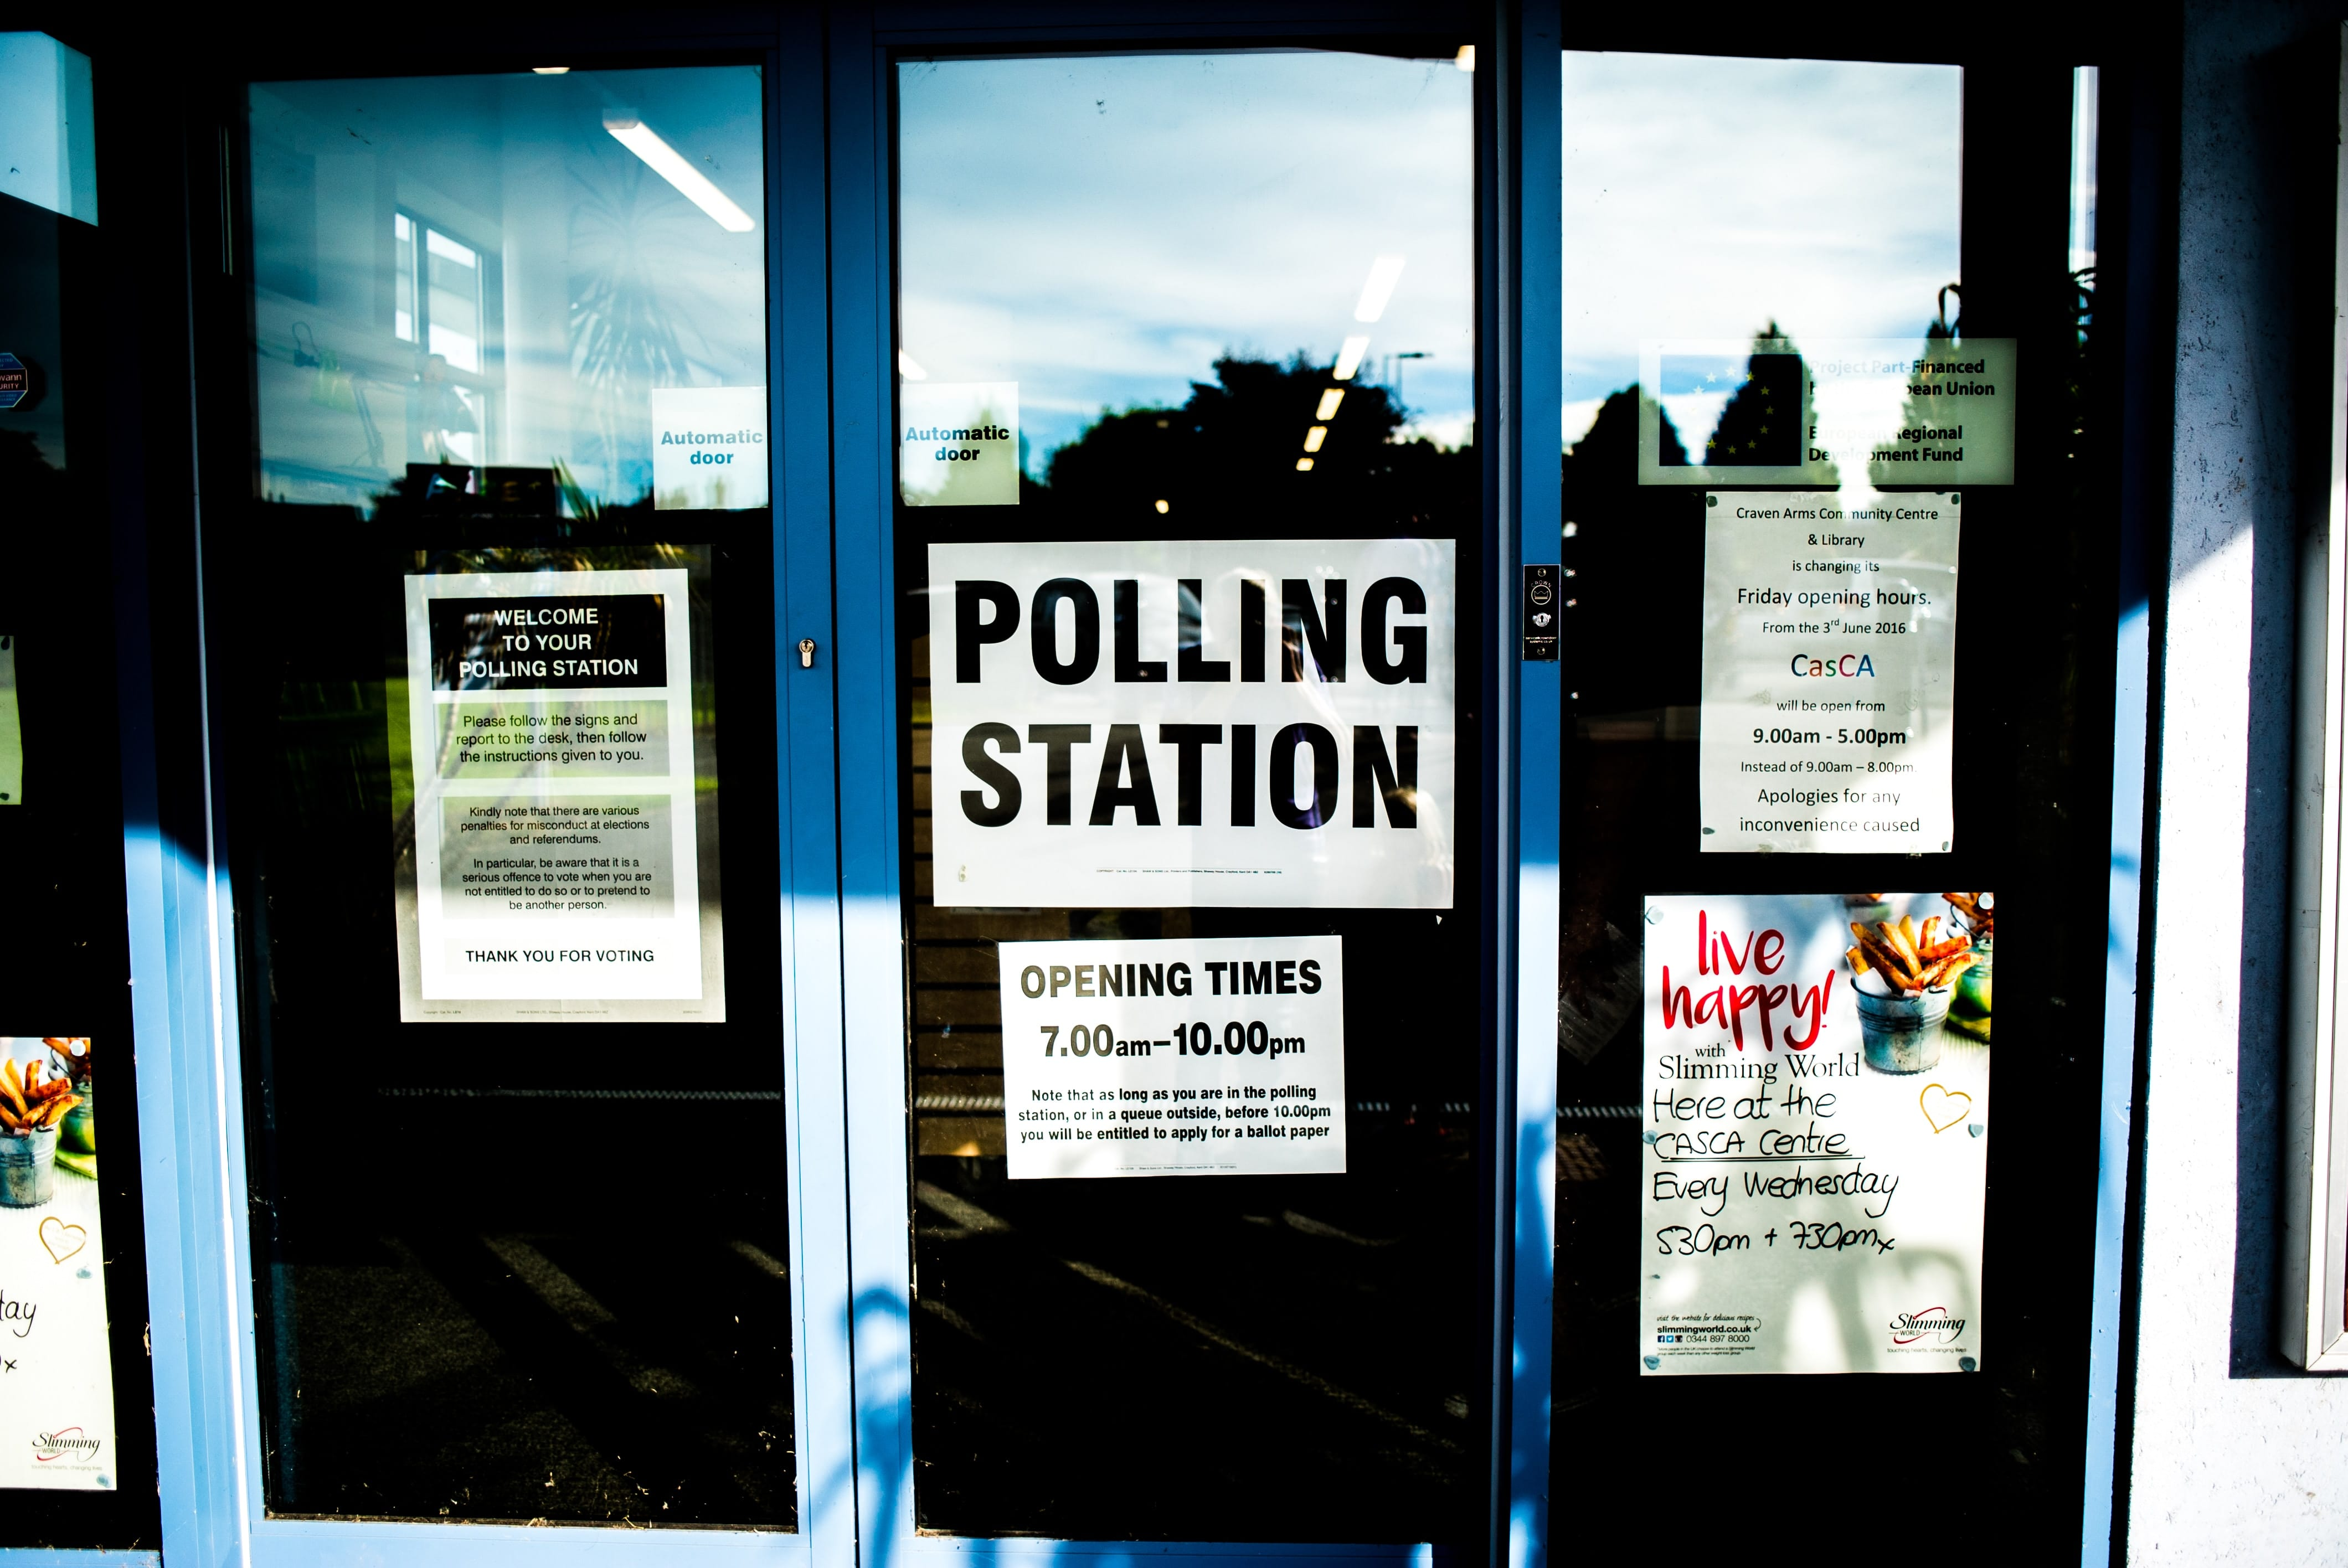 Polling station sign on glass door; image by Elliot Stallion, via Unsplash.com.